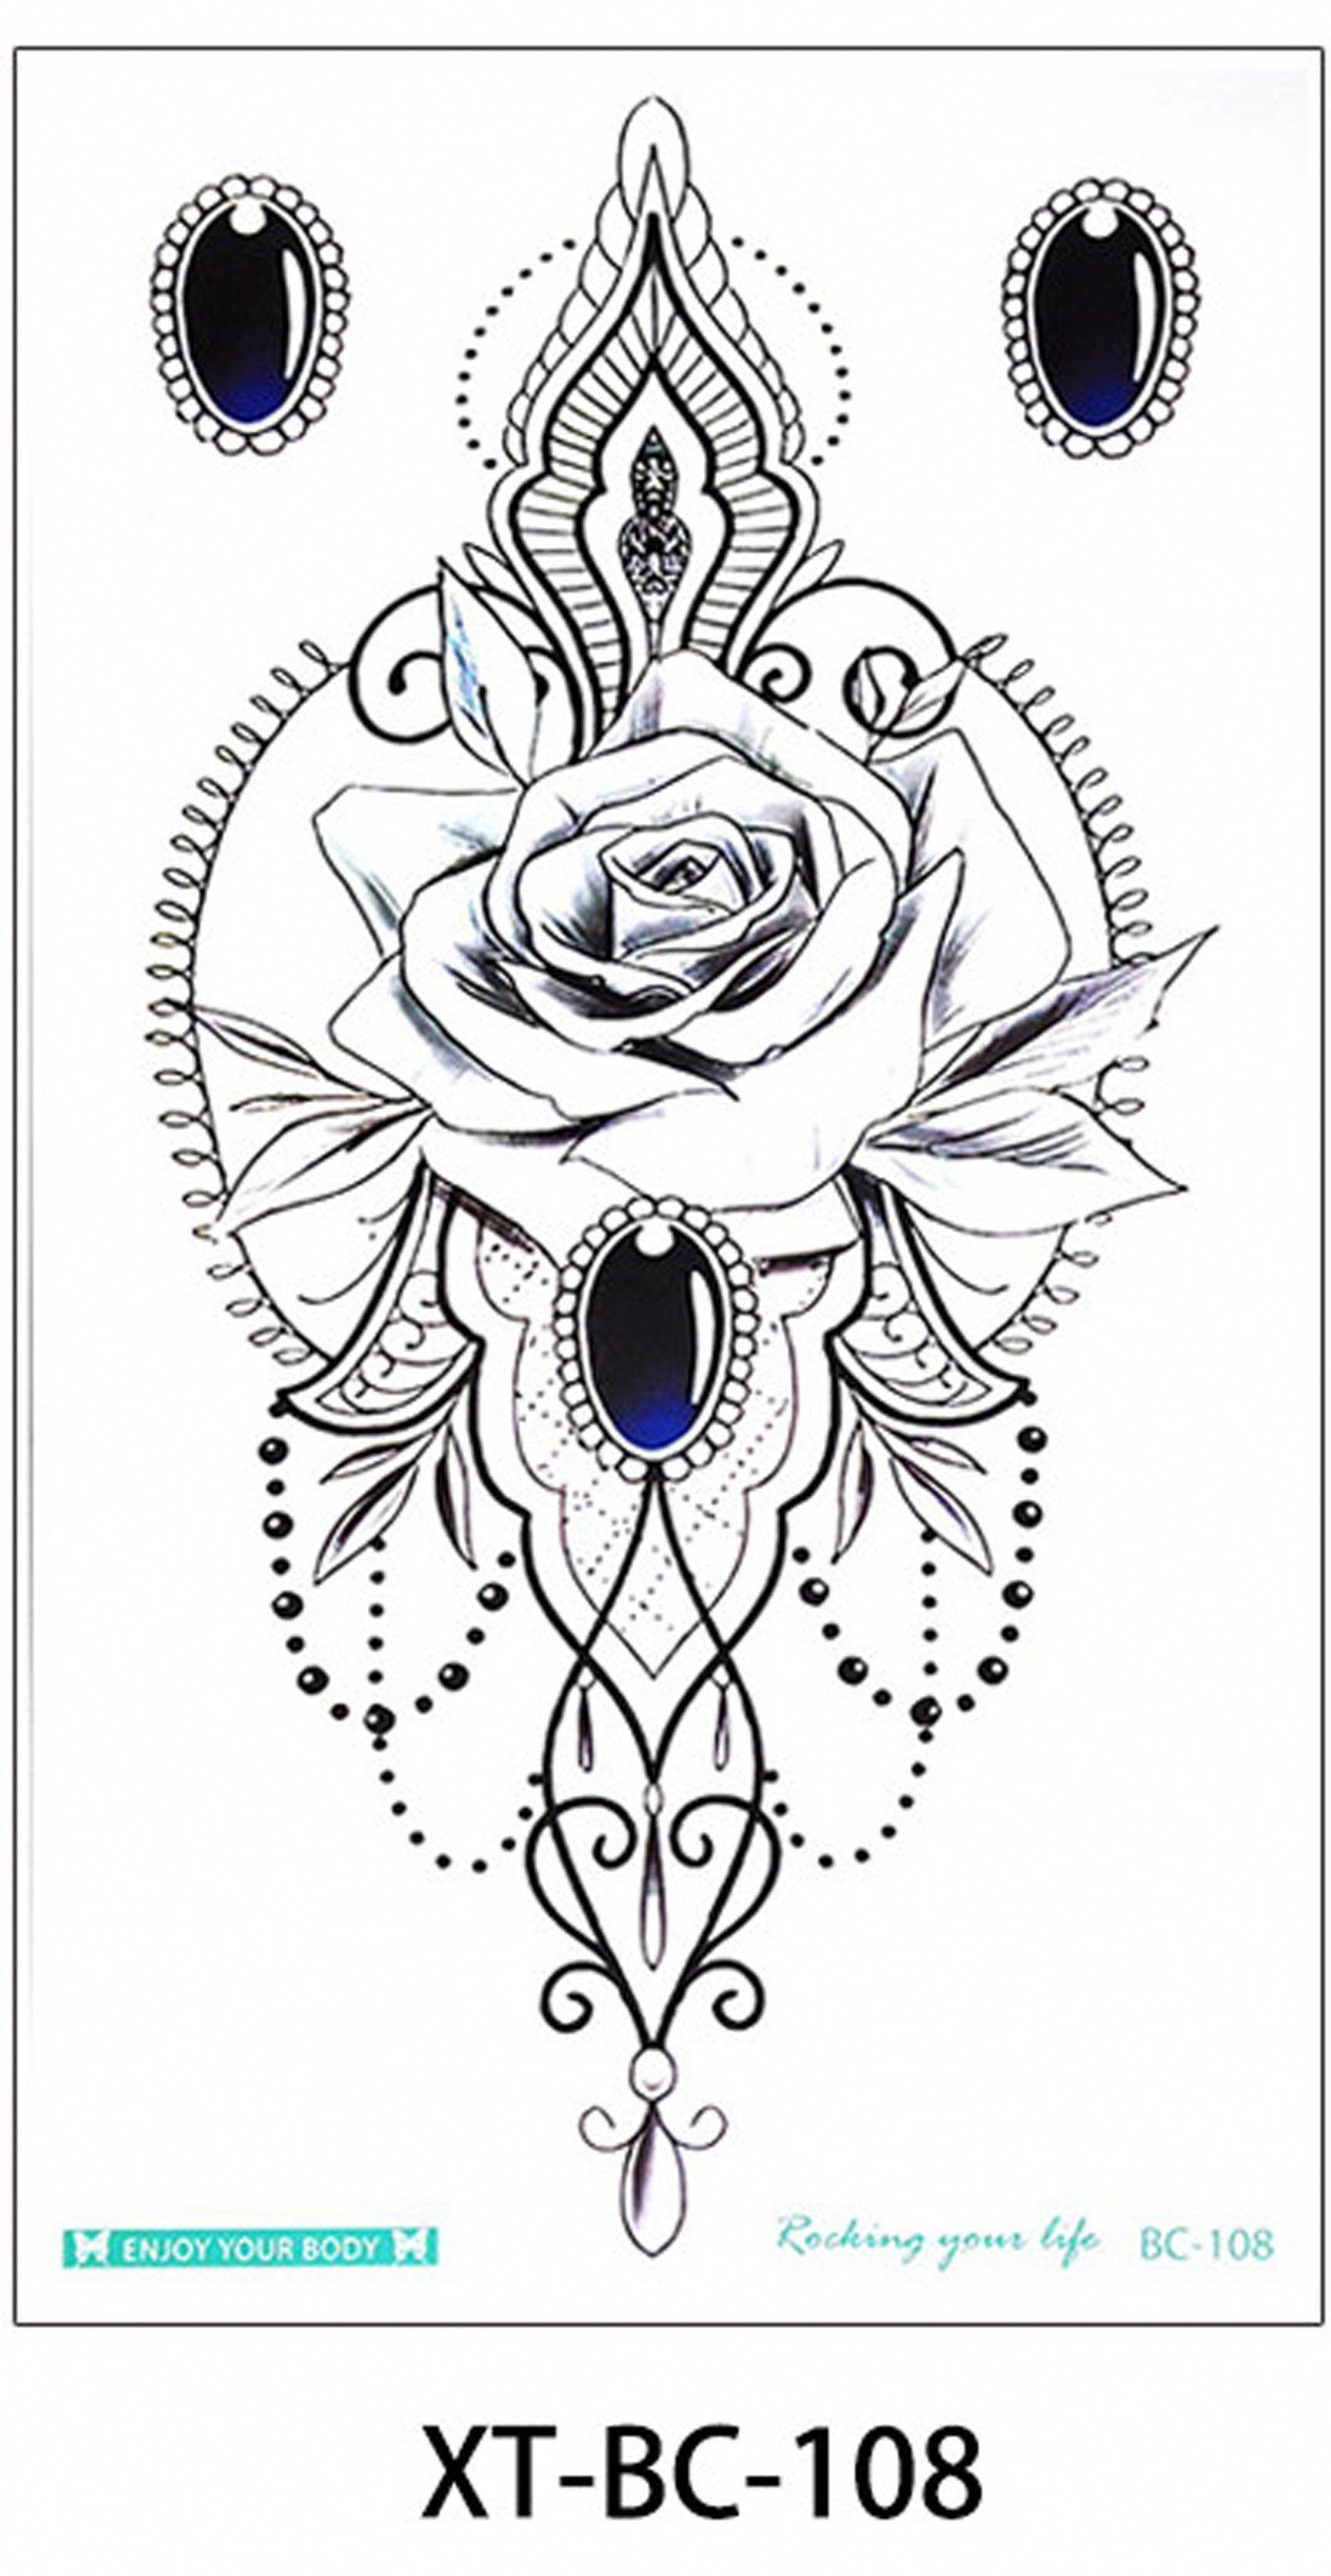 Manya Tribal Boho Rose Jewelry Chandelier Temporary Tattoo Mandalatattoo Pattern Tattoo Turtle Tattoo Designs Mandala Tattoo